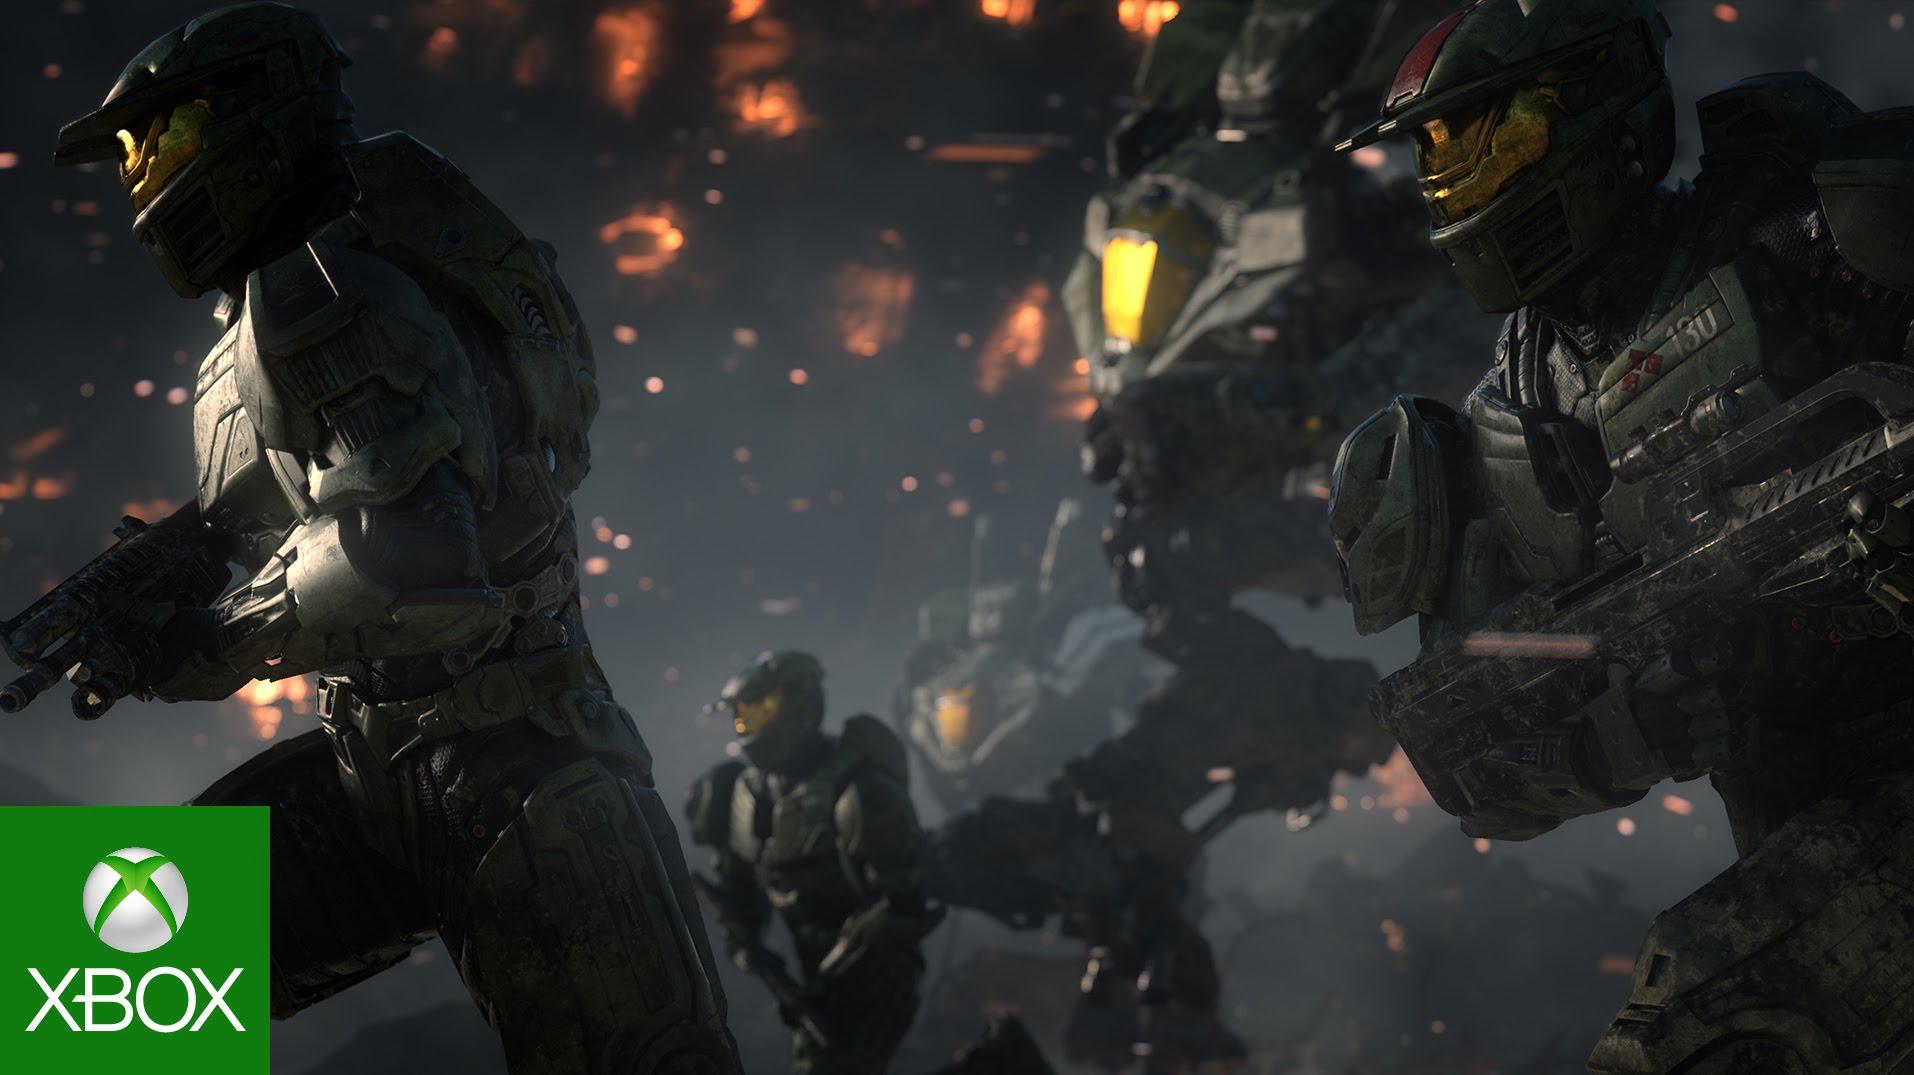 《光环战争 2》官方 E3 预告片